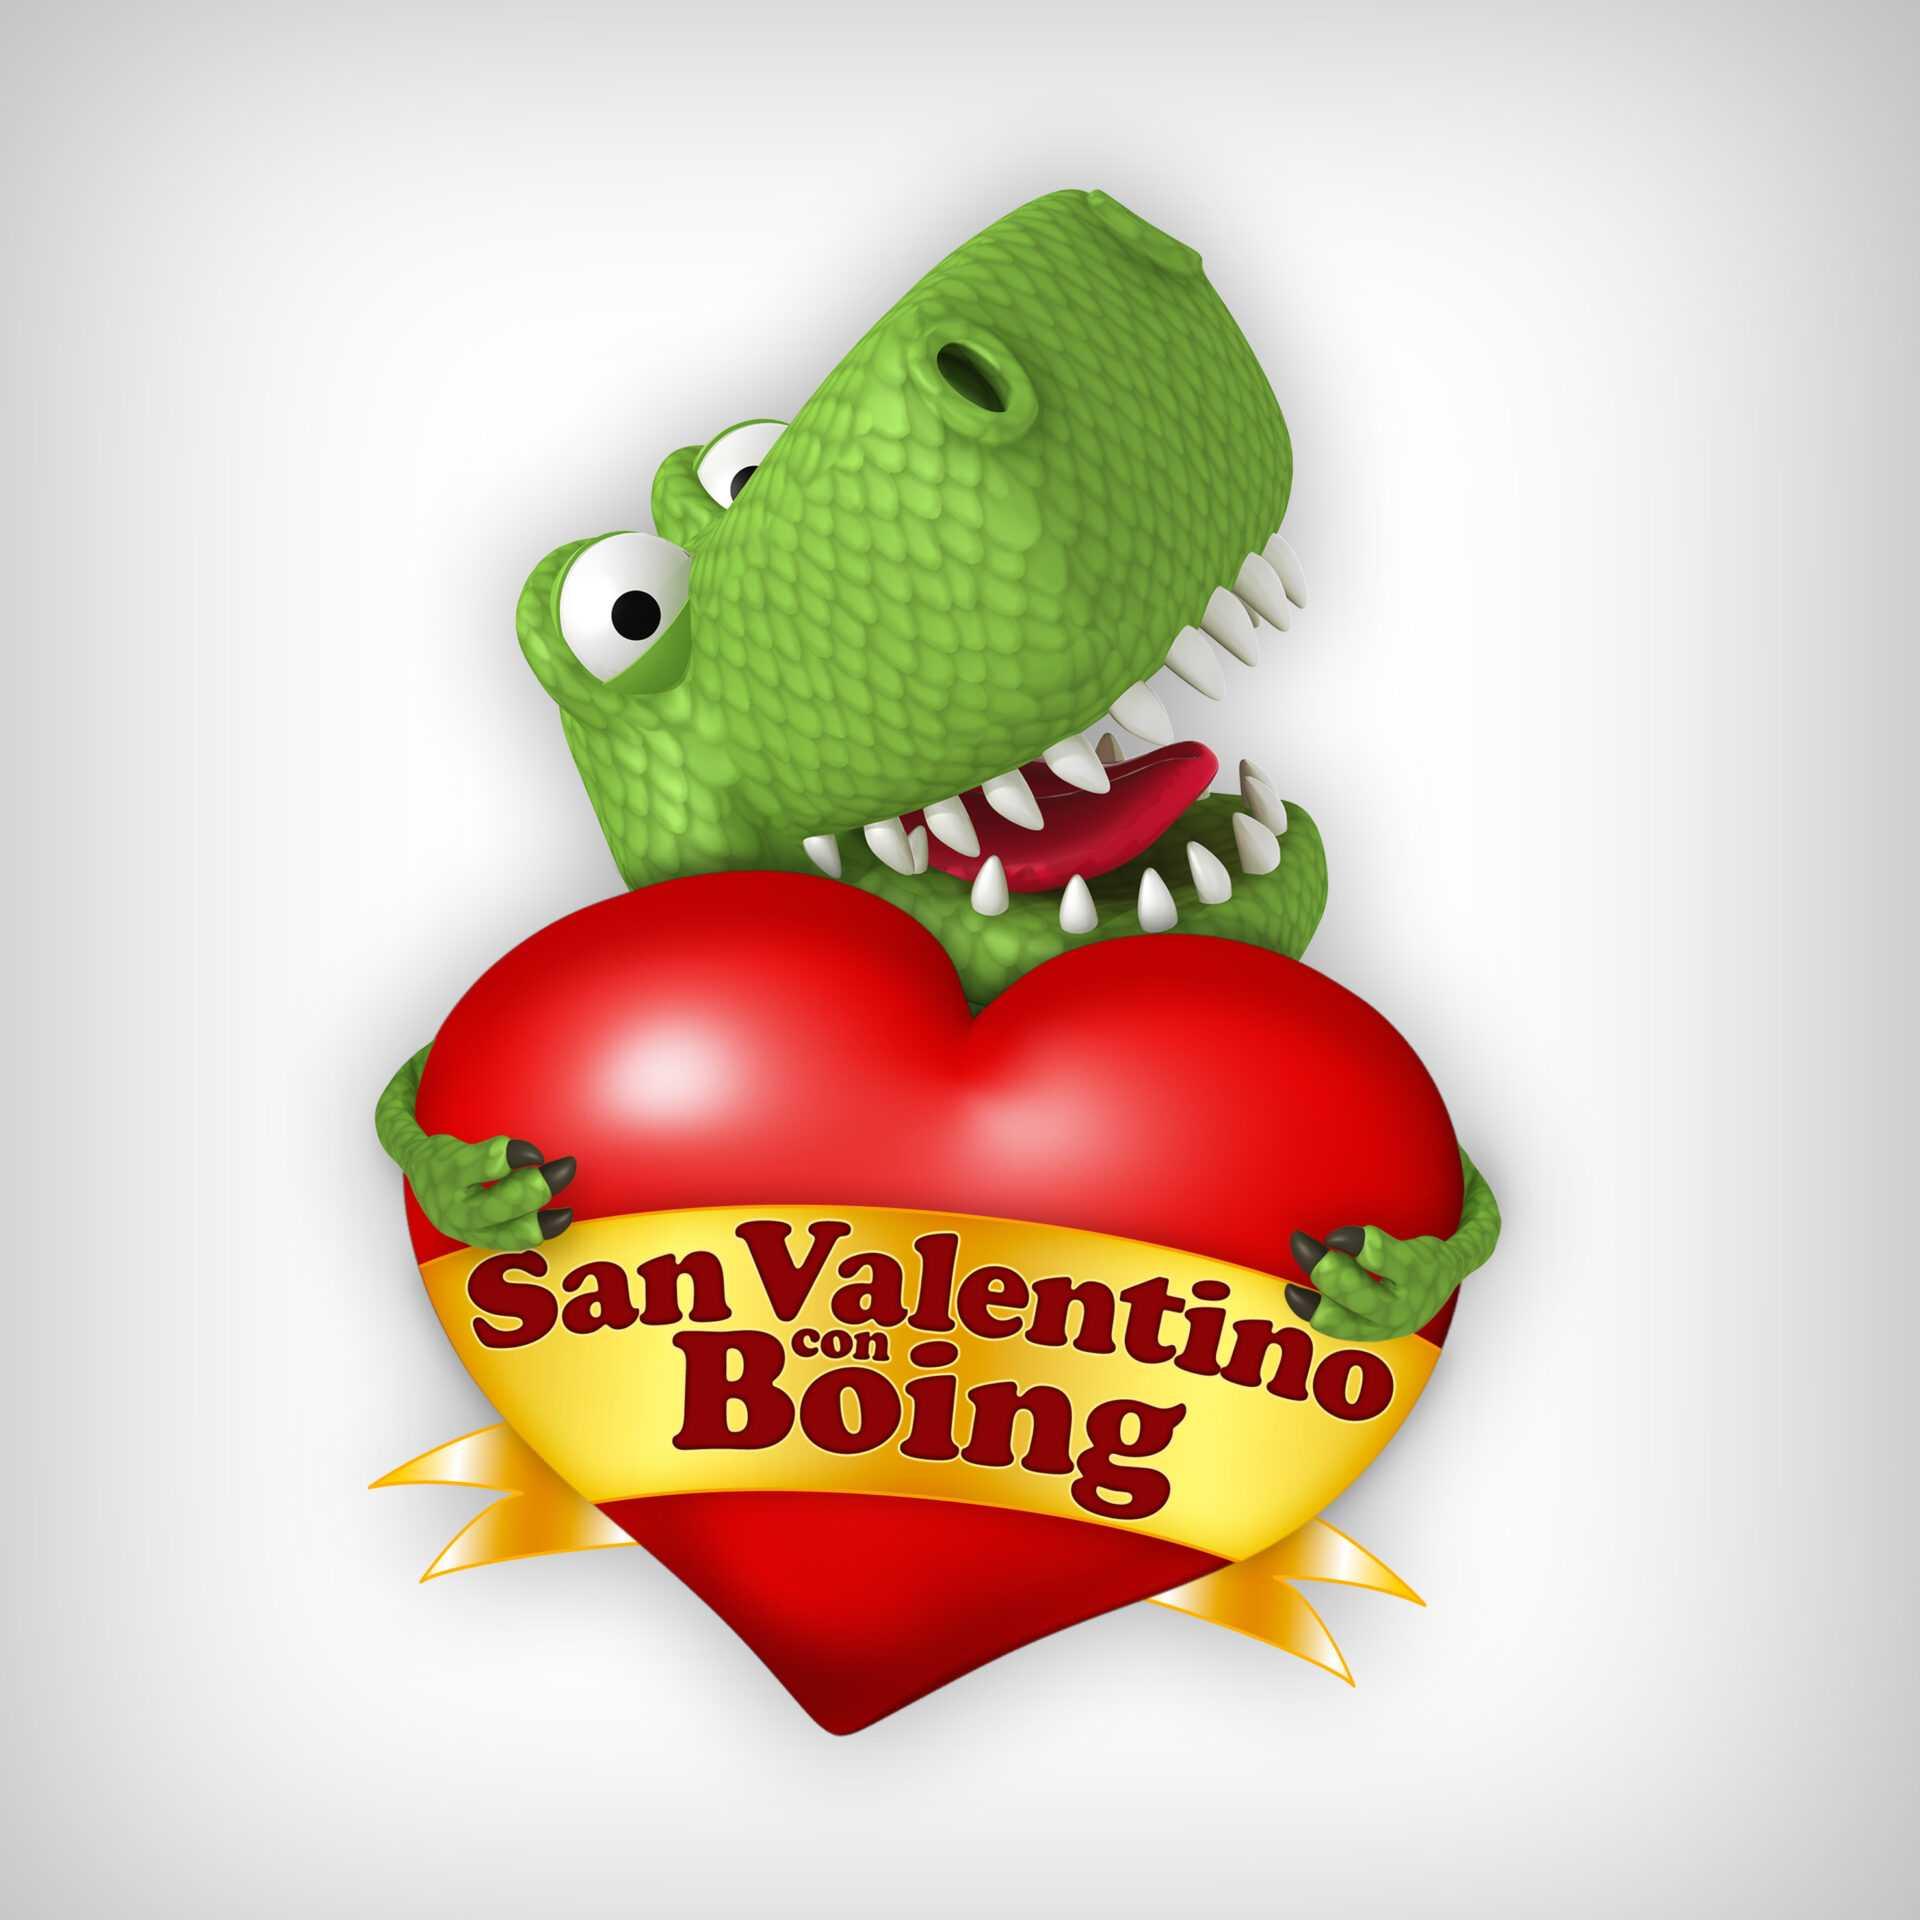 Boing TV festeggia San Valentino con Gumball e Flor | Digitale terrestre: Dtti.it